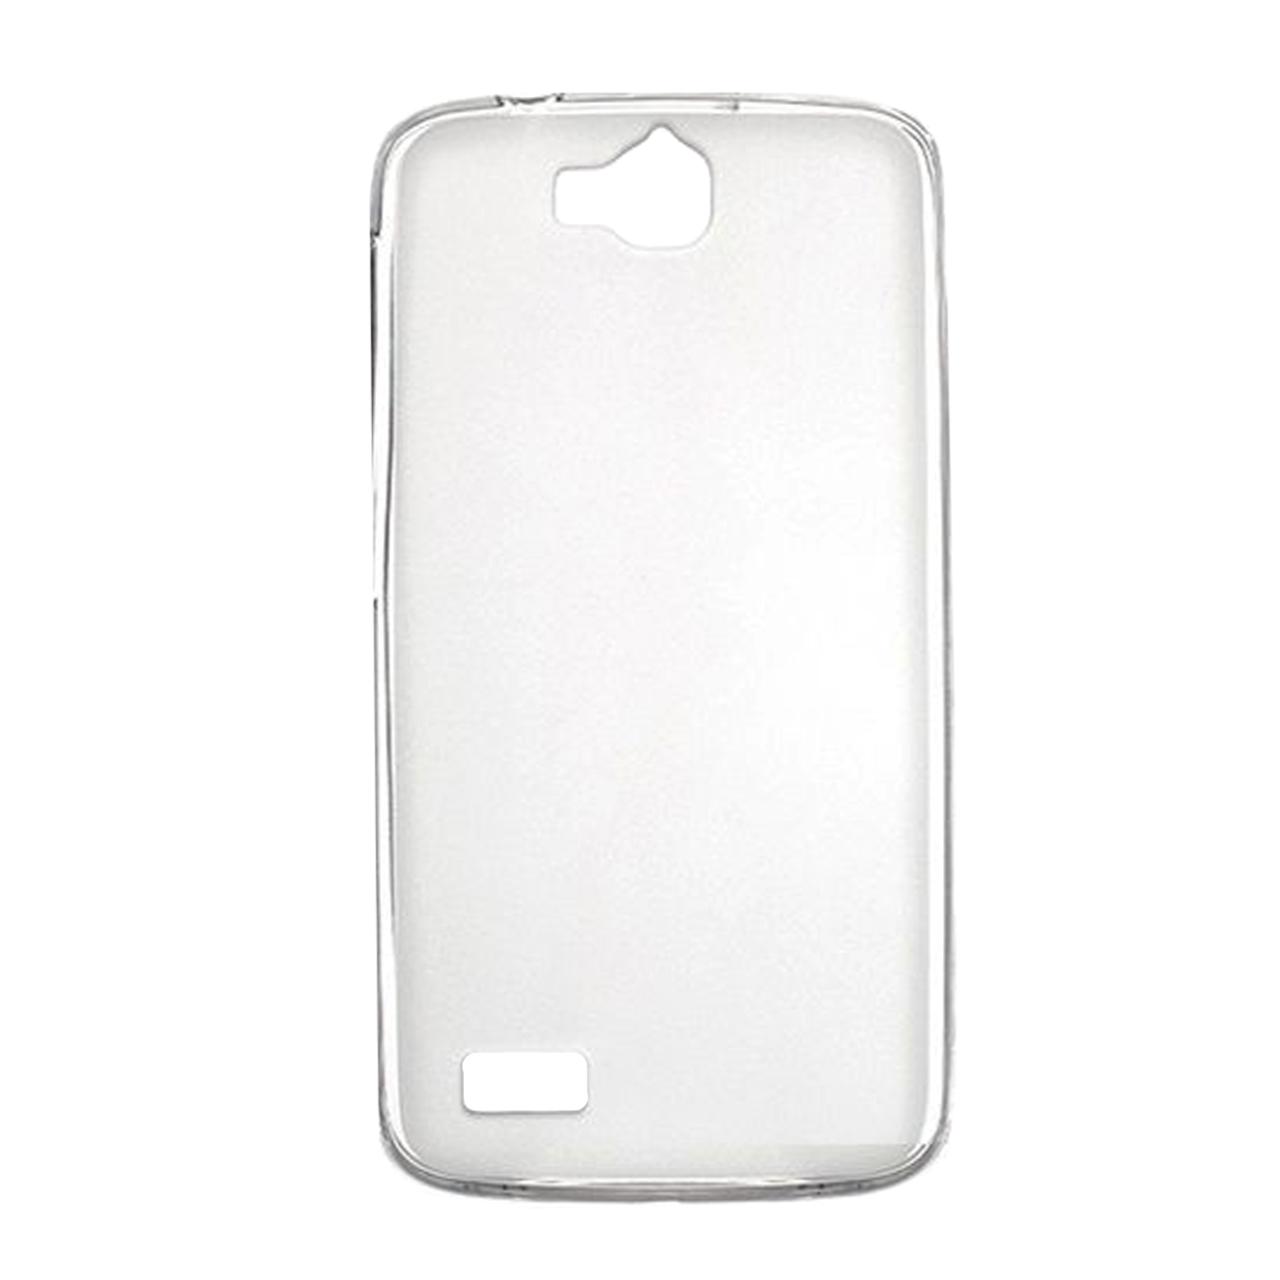 کاور مدل Cl-02 مناسب برای گوشی موبایل آنر 3C lite              ( قیمت و خرید)